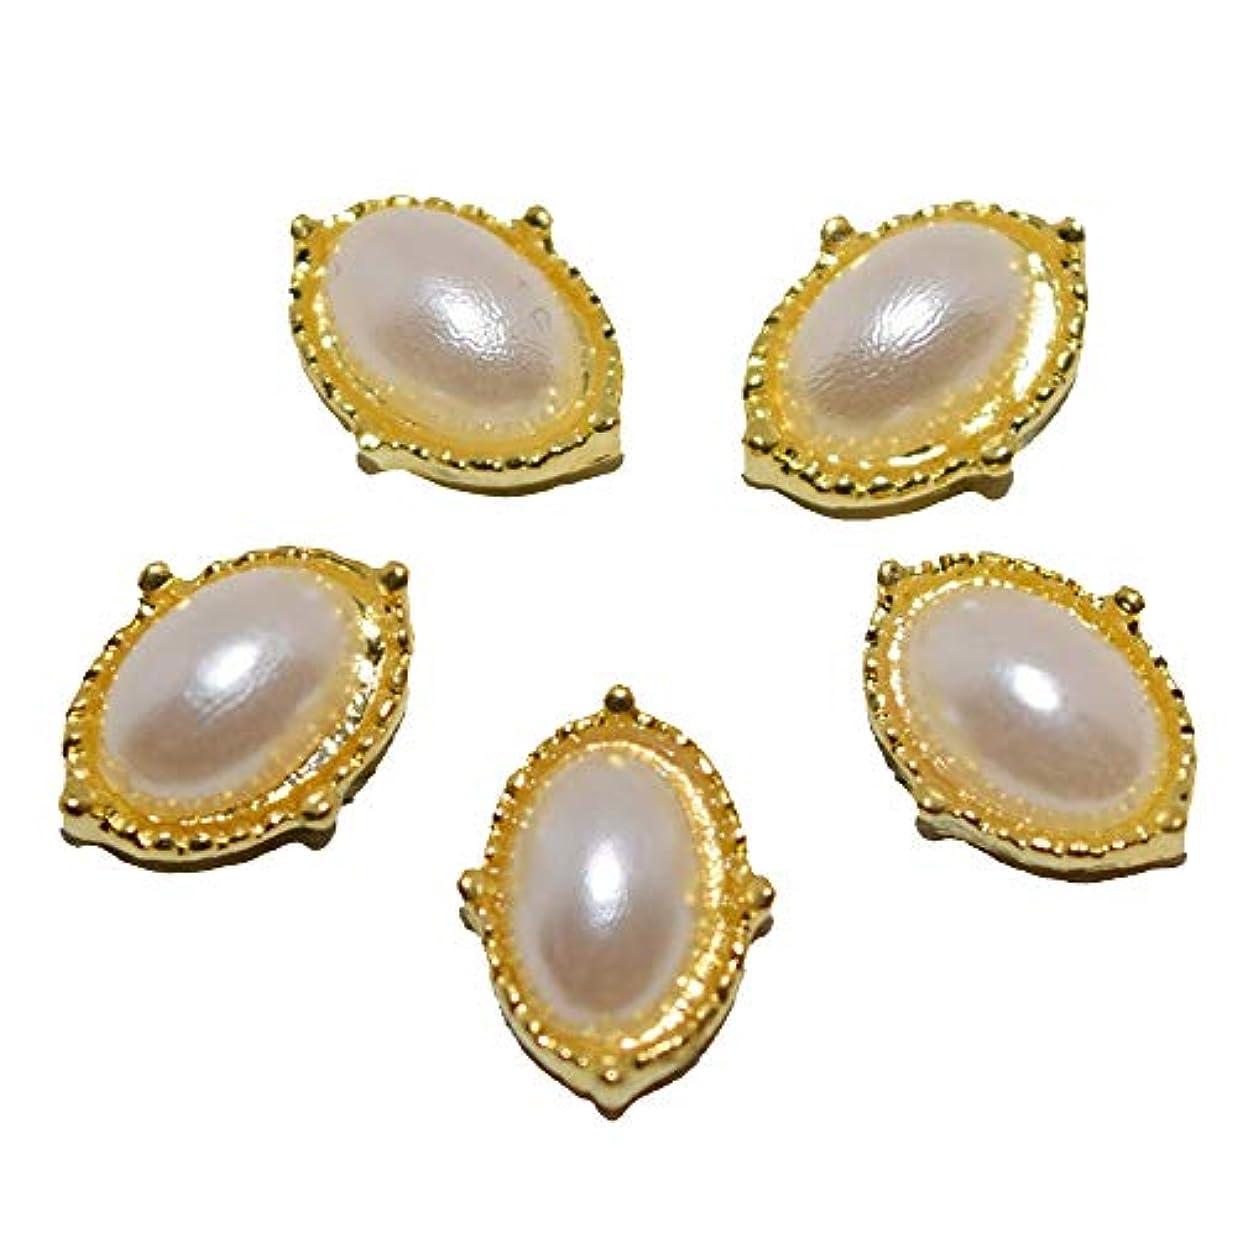 脇に昇進調整可能10個入り金馬の目の真珠3Dネイルアートの装飾合金ネイルチャームネイルズラインストーン用品